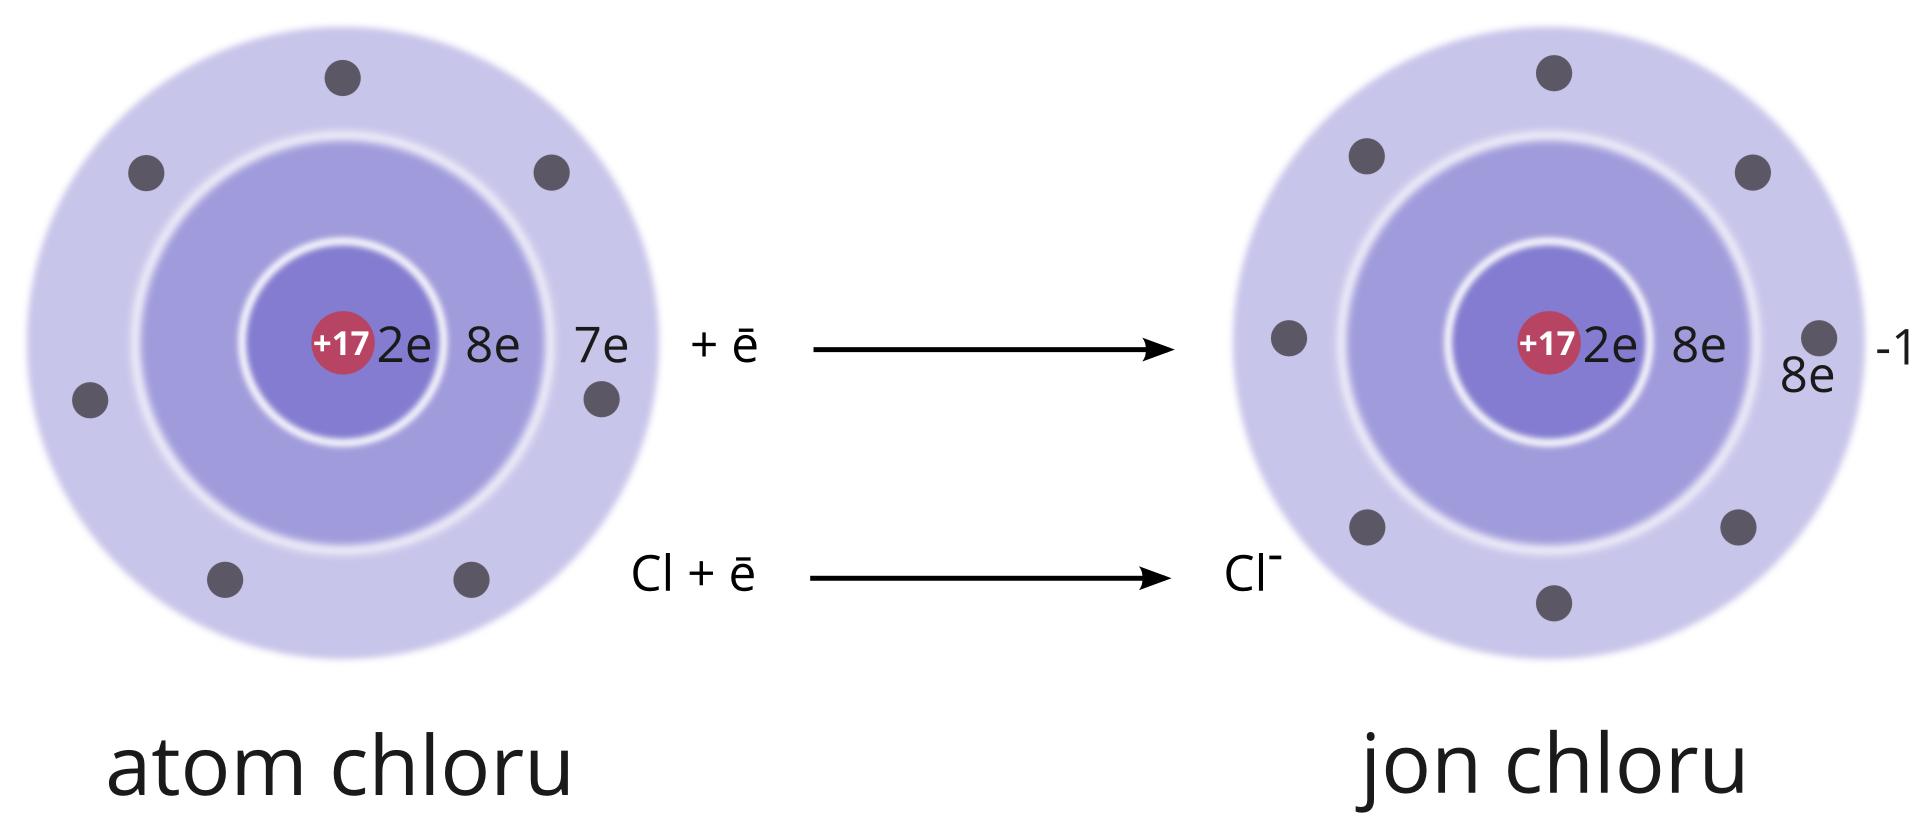 """Ilustracja przedstawia proces tworzenia ujemnego jonu chloru. Po lewej stronie znajduje się koło podzielone na trzy kręgi. Kręgi to powłoki. Centralnie położone powłoka to powłoka zsymbolem litery """"ka"""". Na powłoce jest liczba dwa odnosząca sie do dwóch elektronów. Elektron to litera """"e"""". Następny krąg to powłoka zliterą """"el"""". Na tej powłoce jest liczba osiem ilitera """"e"""". Powłoka """"el"""" mieści maksymalnie osiem elektronów. Zewnętrzna powłoka, największa, to powłoka oznaczony literą """"em"""". Wzdłuż powłoki """"em"""" zaznaczone są czerwone punkty. To siedem elektronów. Całe koło to atom chloru. Po prawej stronie znajduje się większe koło. To jon chloru. Koło podzielone jest na trzy kręgi. Centralny krąg, to powłoka """"ka"""" zliczbą dwóch elektronów. Następna powłoka, to orbital """"el"""" zliczbą osiem odnoszącą się do ośmiu elektronów. Zewnętrzna, największa powłoka, to powłoka """"em"""". Wzdłuż powłoki """"em"""" znajduje się osiem czerwonych punktów. Punkty to osiem elektronów. Powyżej koła znajduje się symbol """"minus jeden"""". Wsamym środku koła atomu chloru ijonu chloru pomarańczowe punkty. Czerwona strzałka skierowana grotem na środek kół. Poniżej strzałki symbol """"plus siedemnaście""""."""